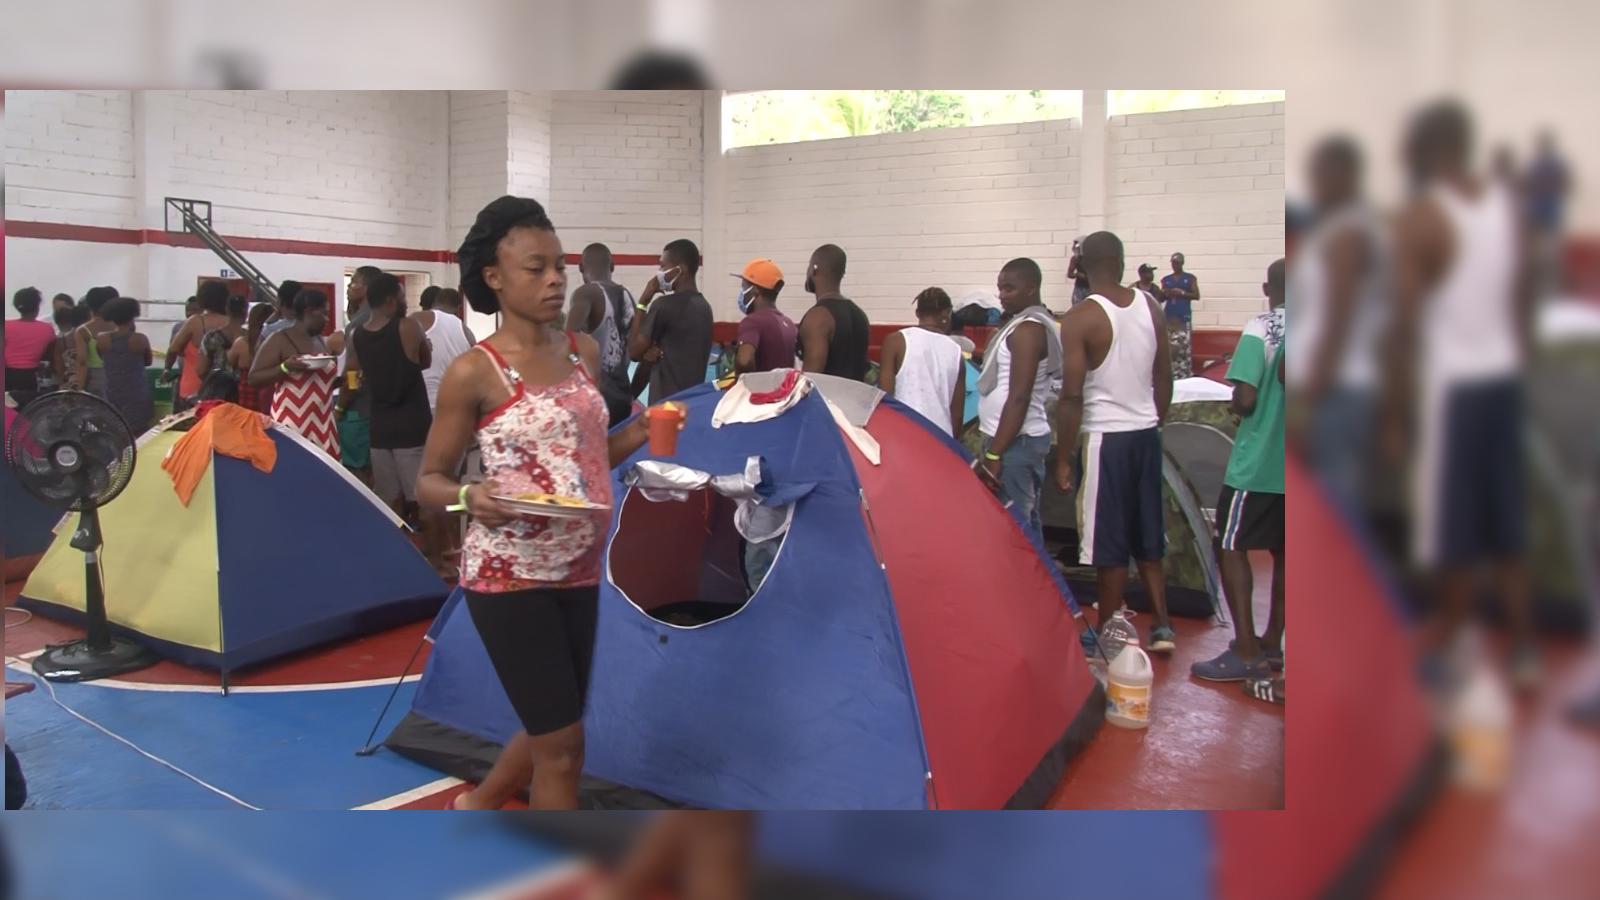 EN VIDEO | Migrantes africanos, indios, haitianos y cubanos varados en Colombia piden ayuda